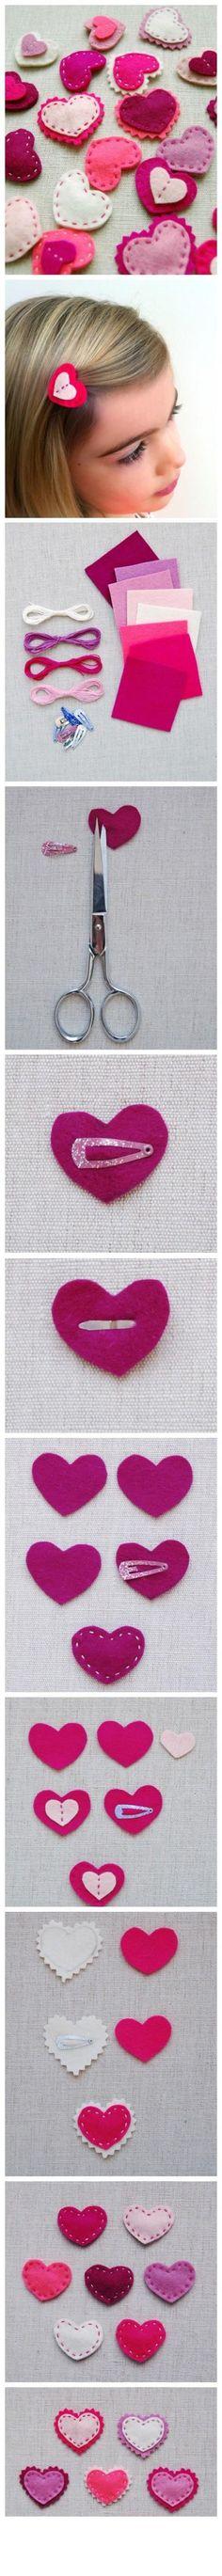 爱心小发夹。很Q~【阿团丸子】…_来自团团小团团的图片分享-堆糖网